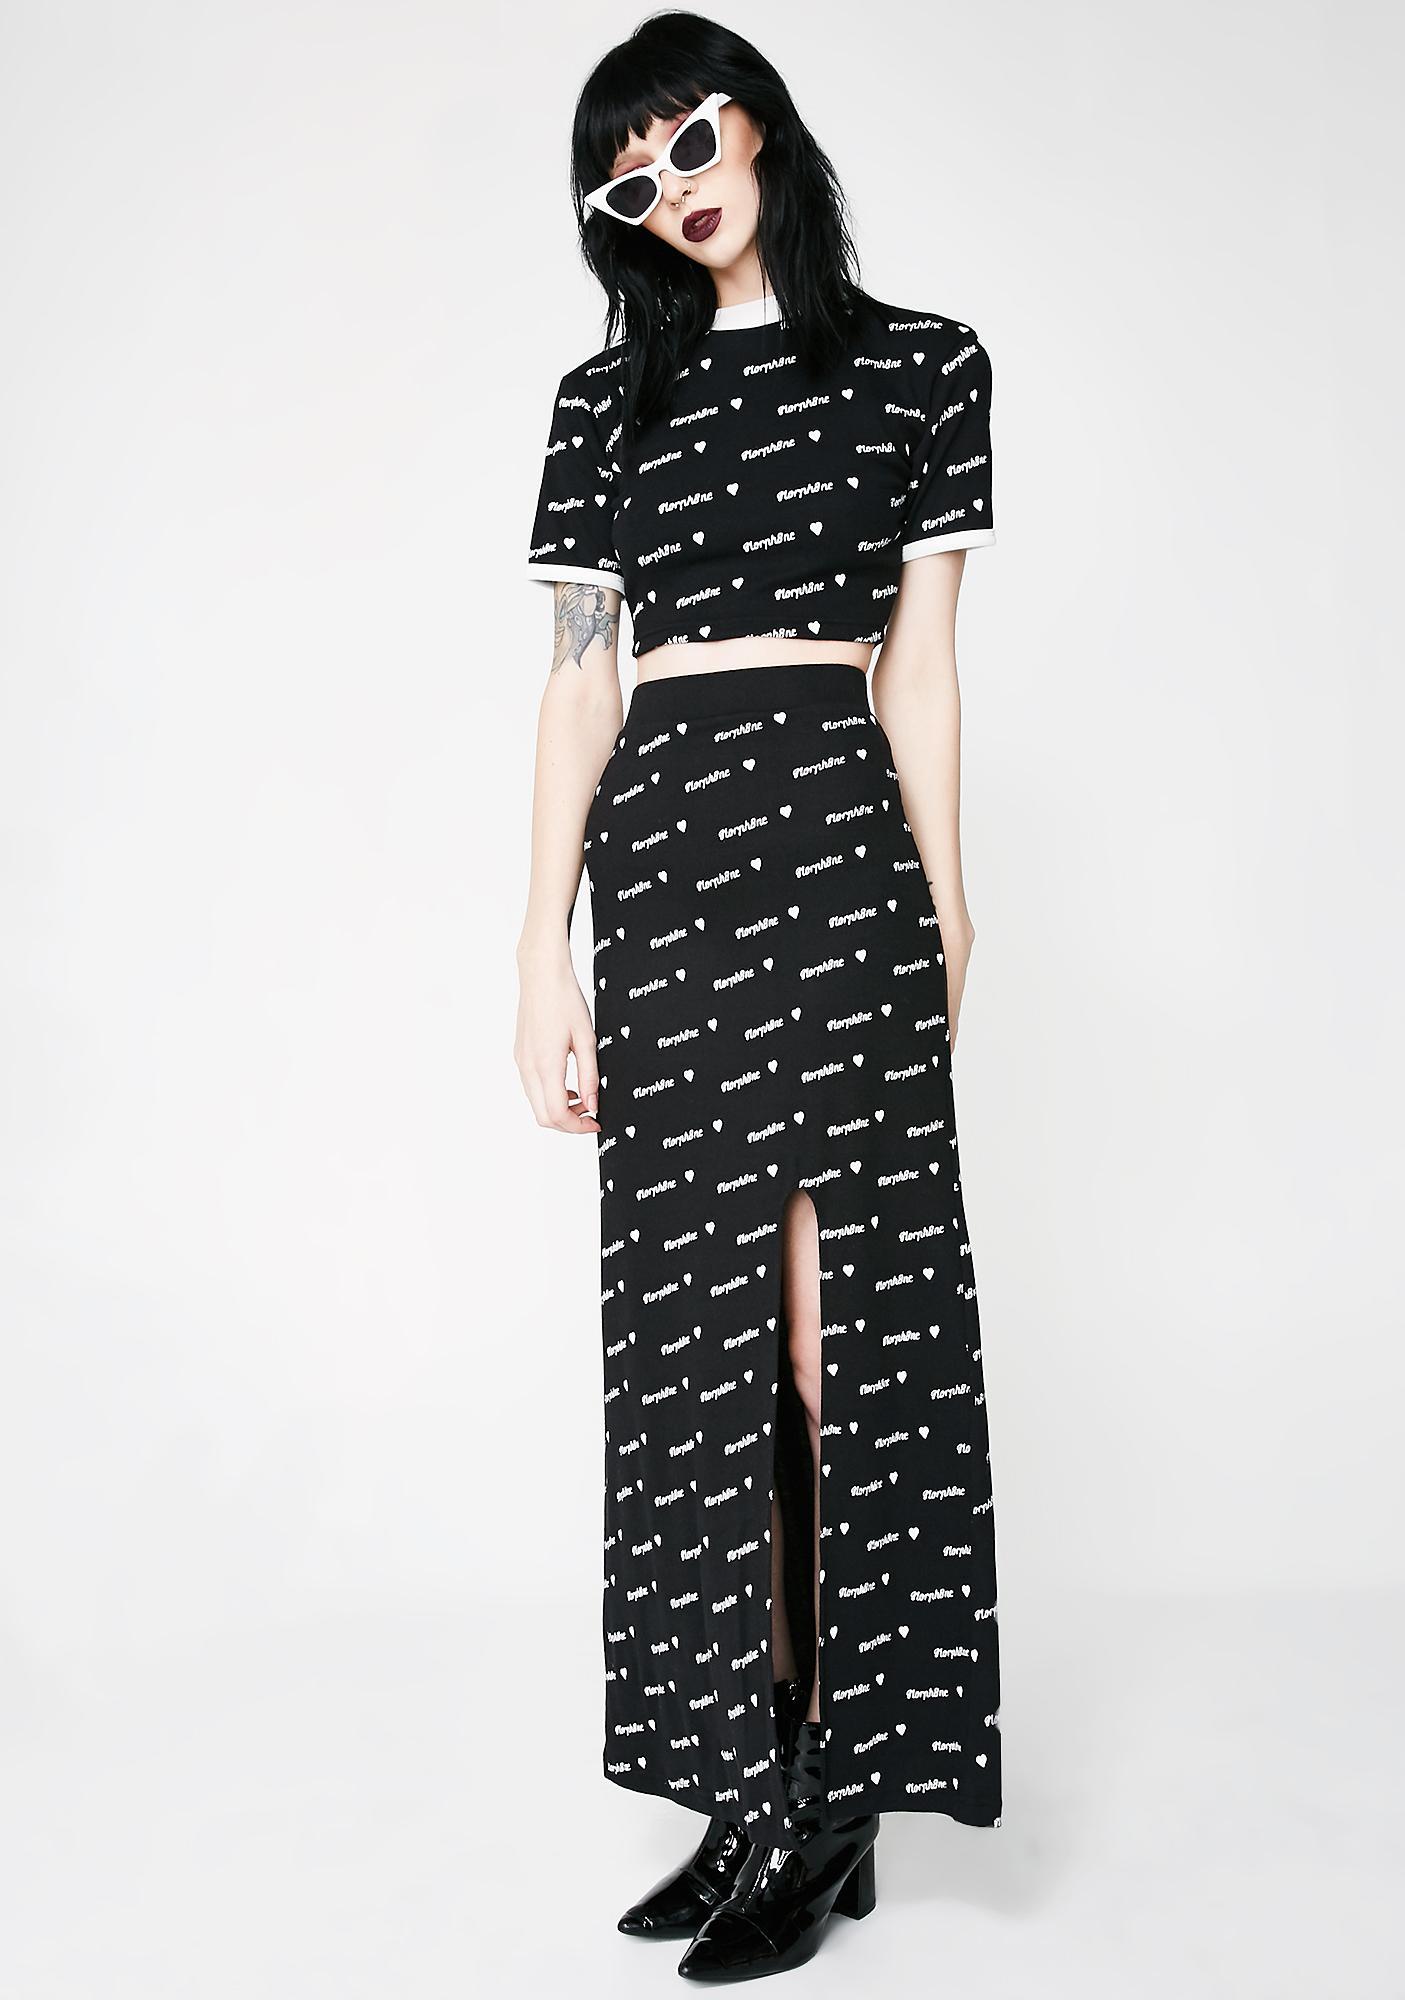 Morph8ne Devotee Maxi Skirt